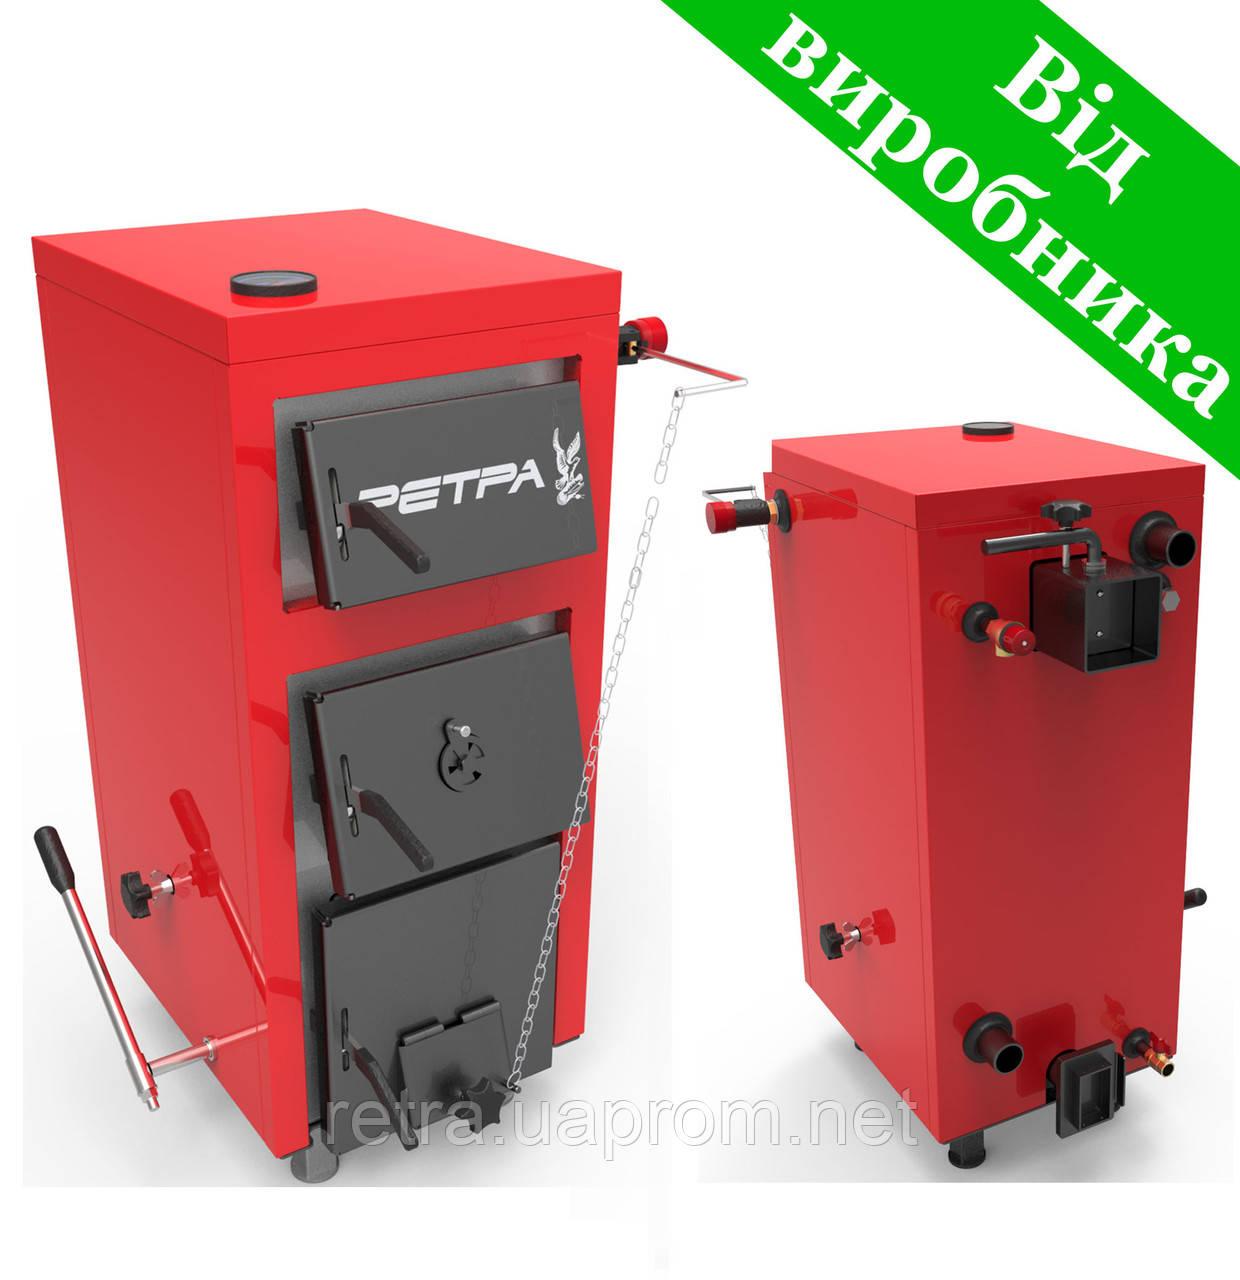 Котел твердотопливный Ретра-5М 25 кВт длительного горения